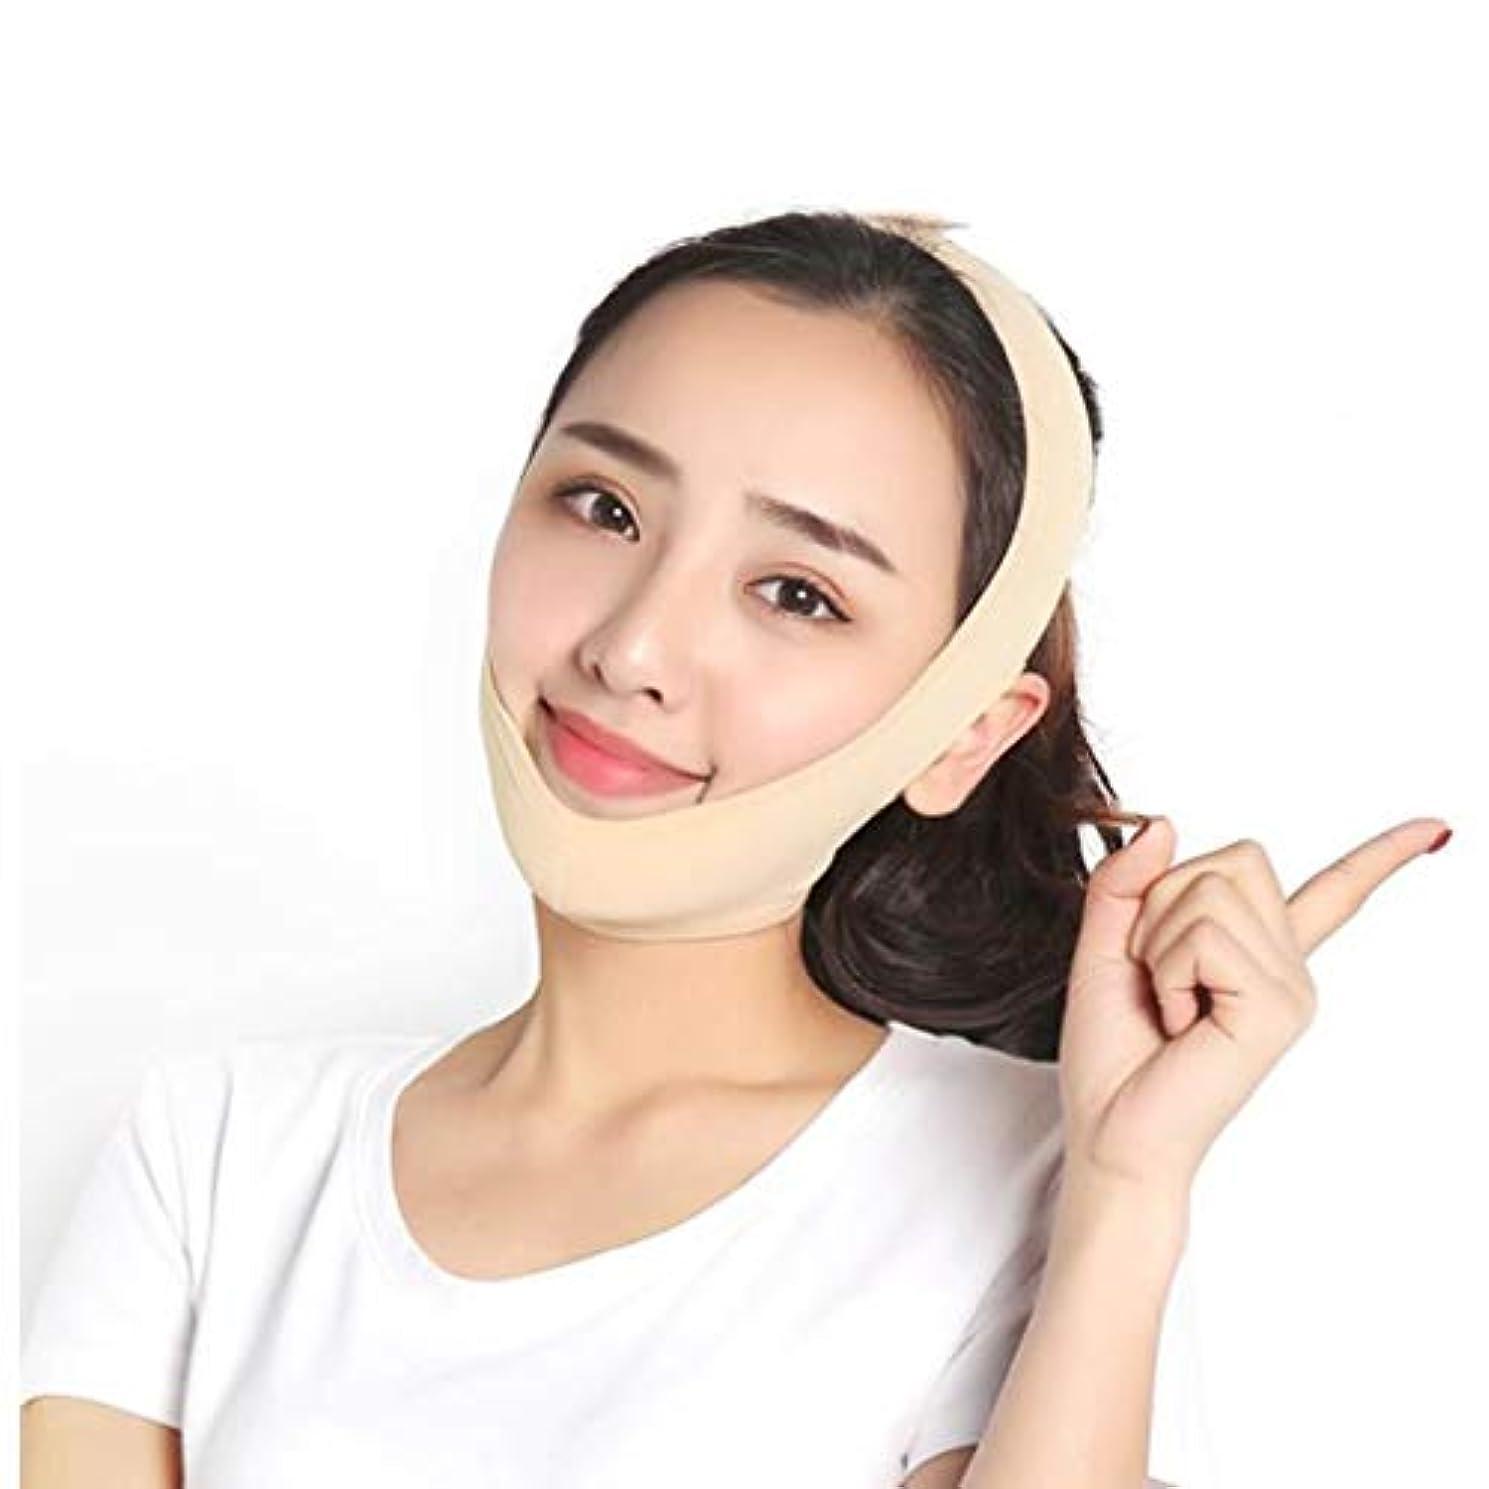 告白連邦国家XHLMRMJ リダクターパパダ、レバンテラメジラバービラデルガダ、フェイシャル減量リフティング包帯、しわ防止フェイシャル包帯、スリミングフェイスマスク (Size : M)